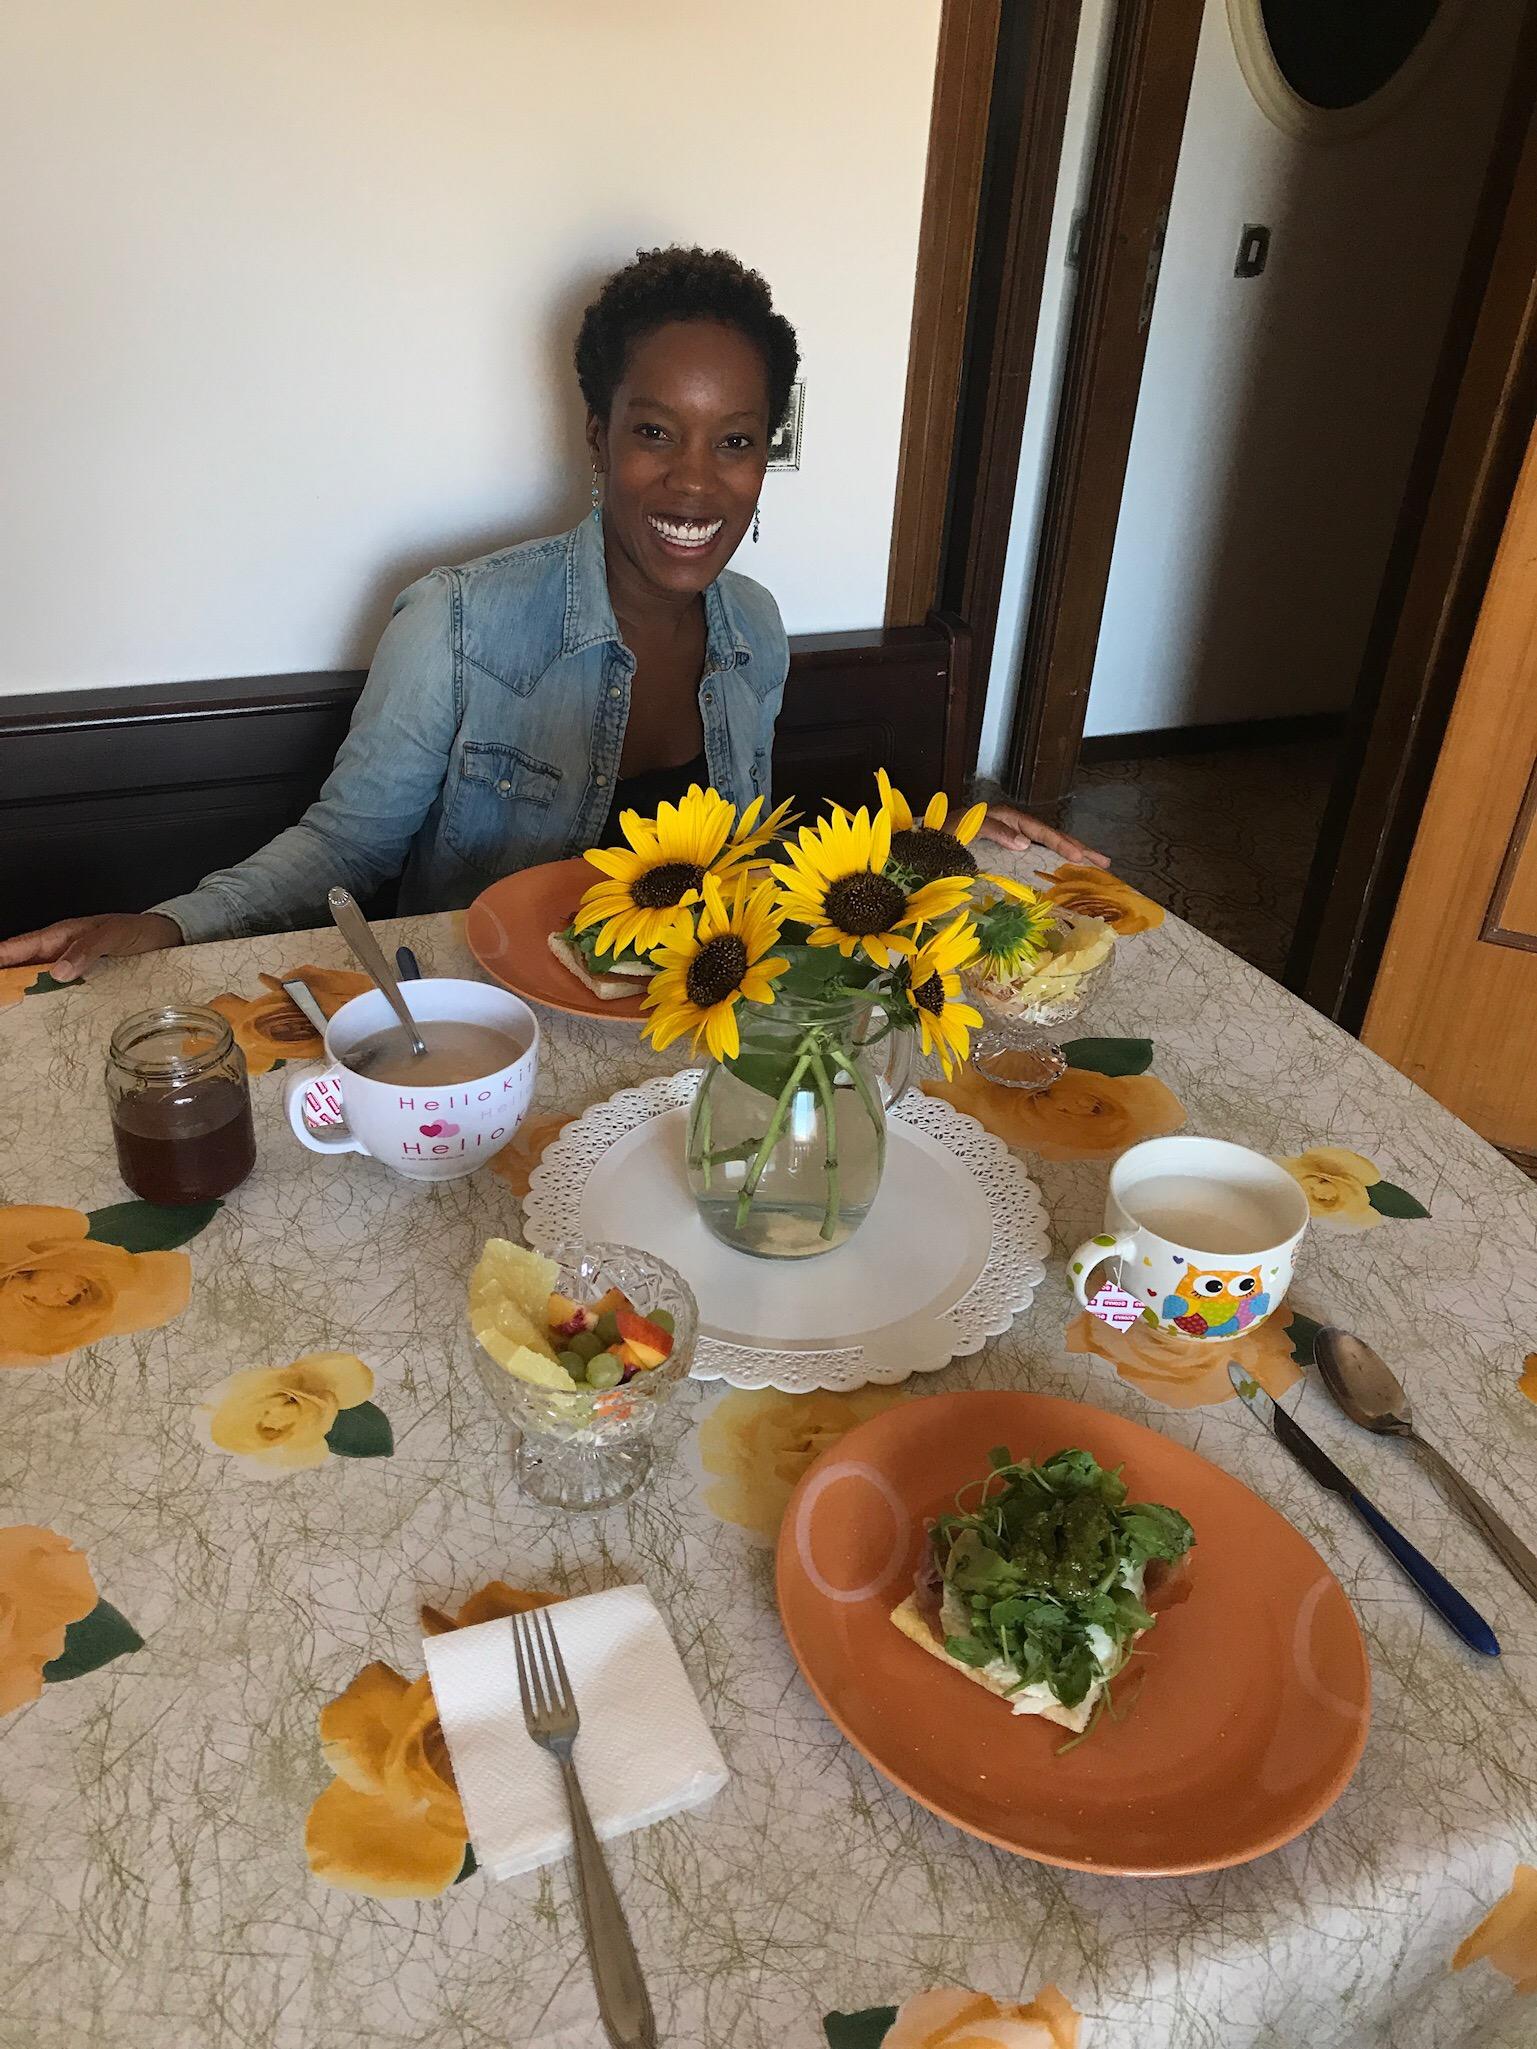 Sunflowers and birthday breakfast